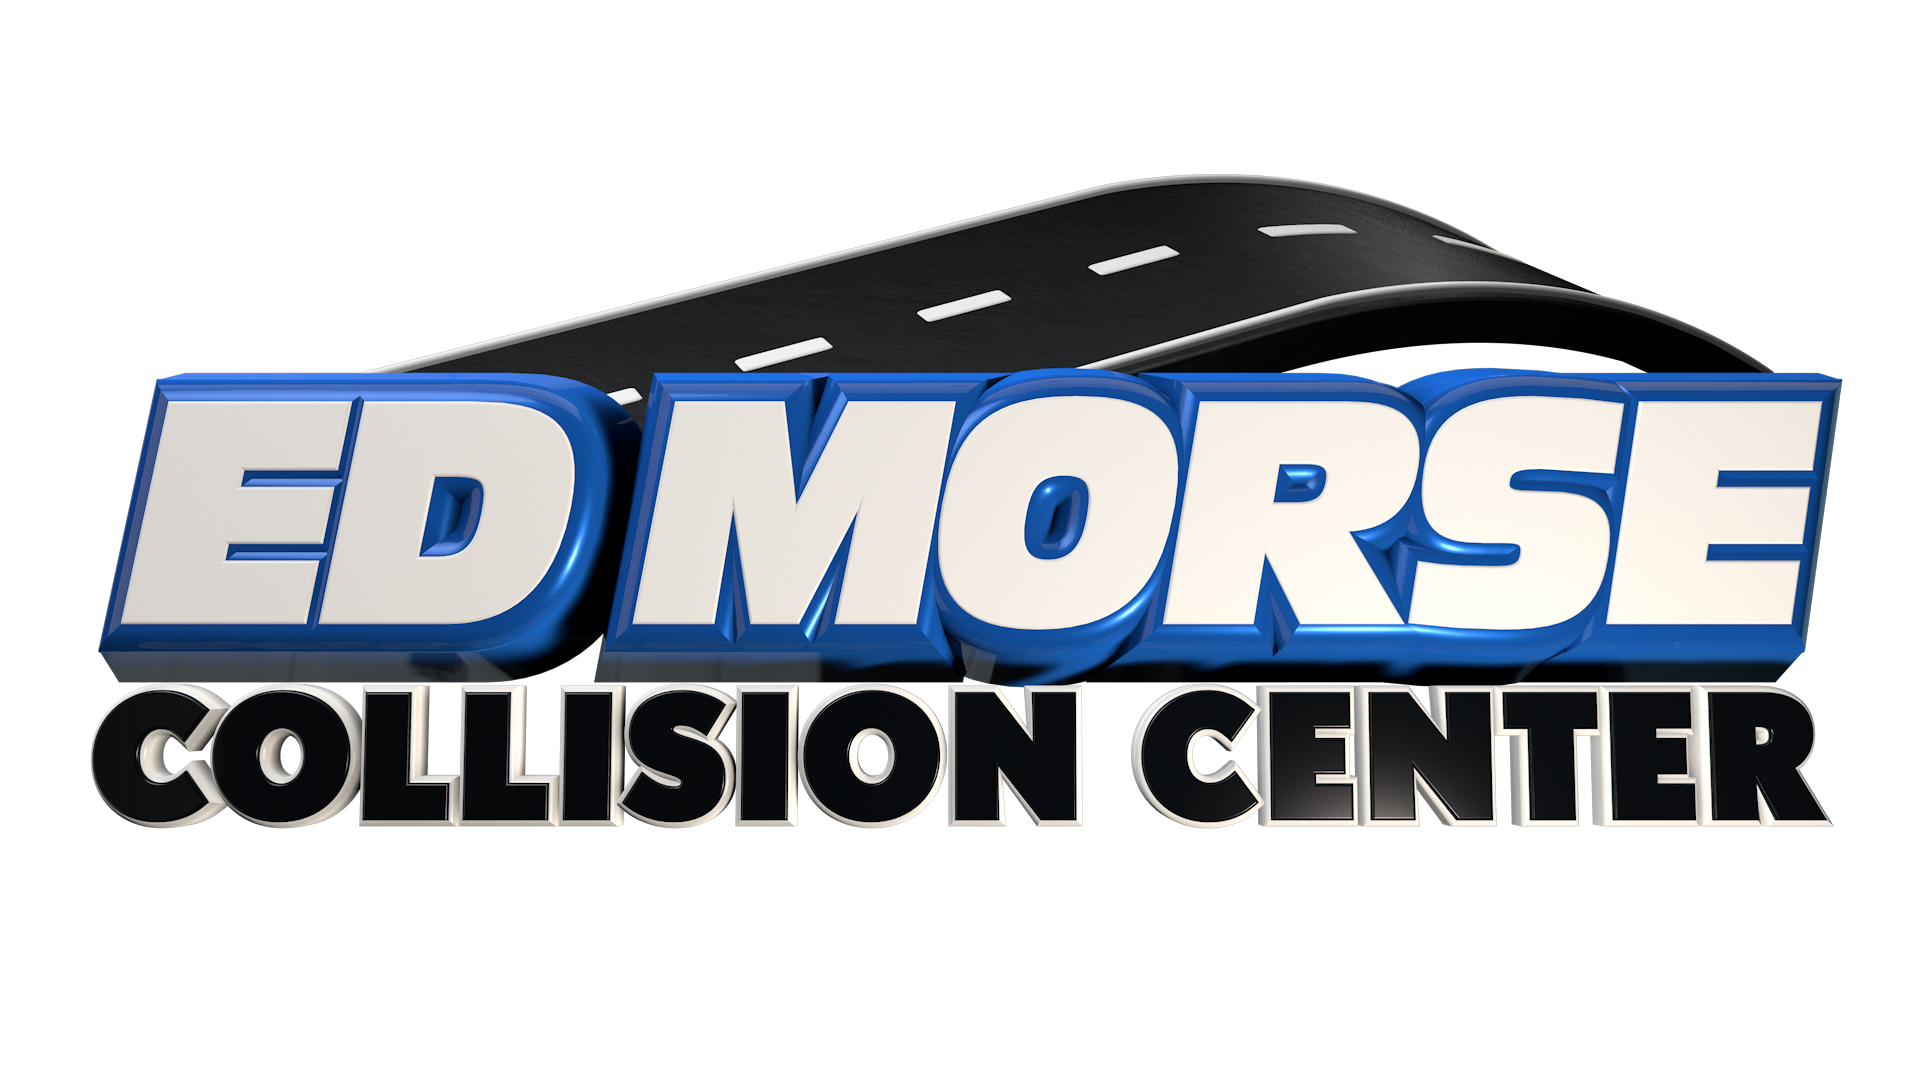 Ed Morse Lebanon Collision Center